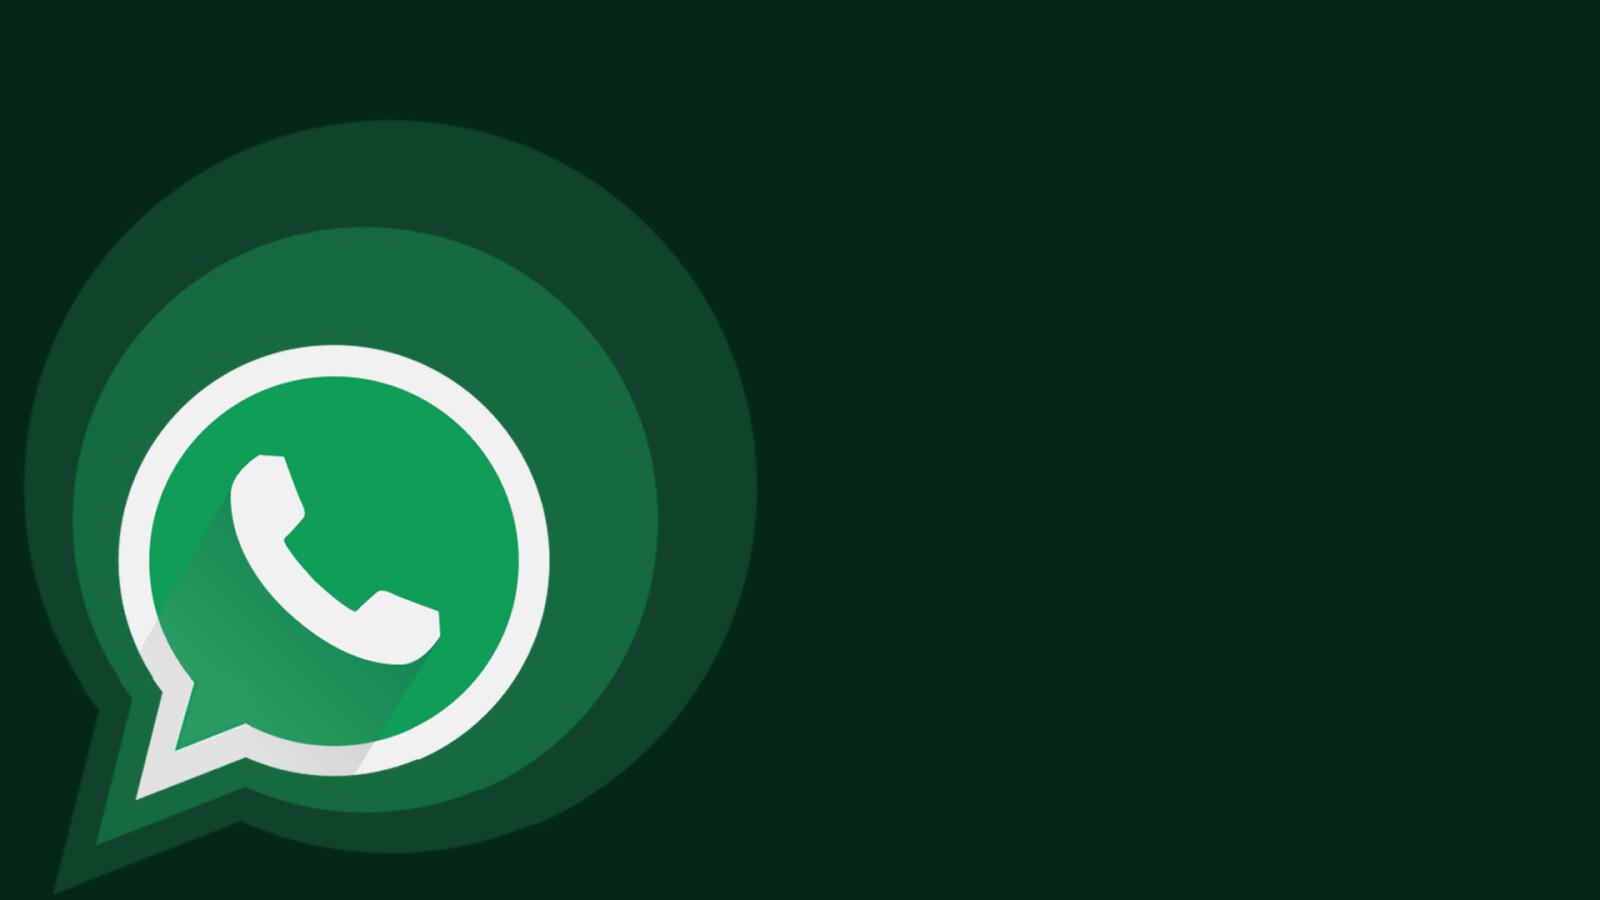 Steht schreibt wann bei whatsapp ab wann